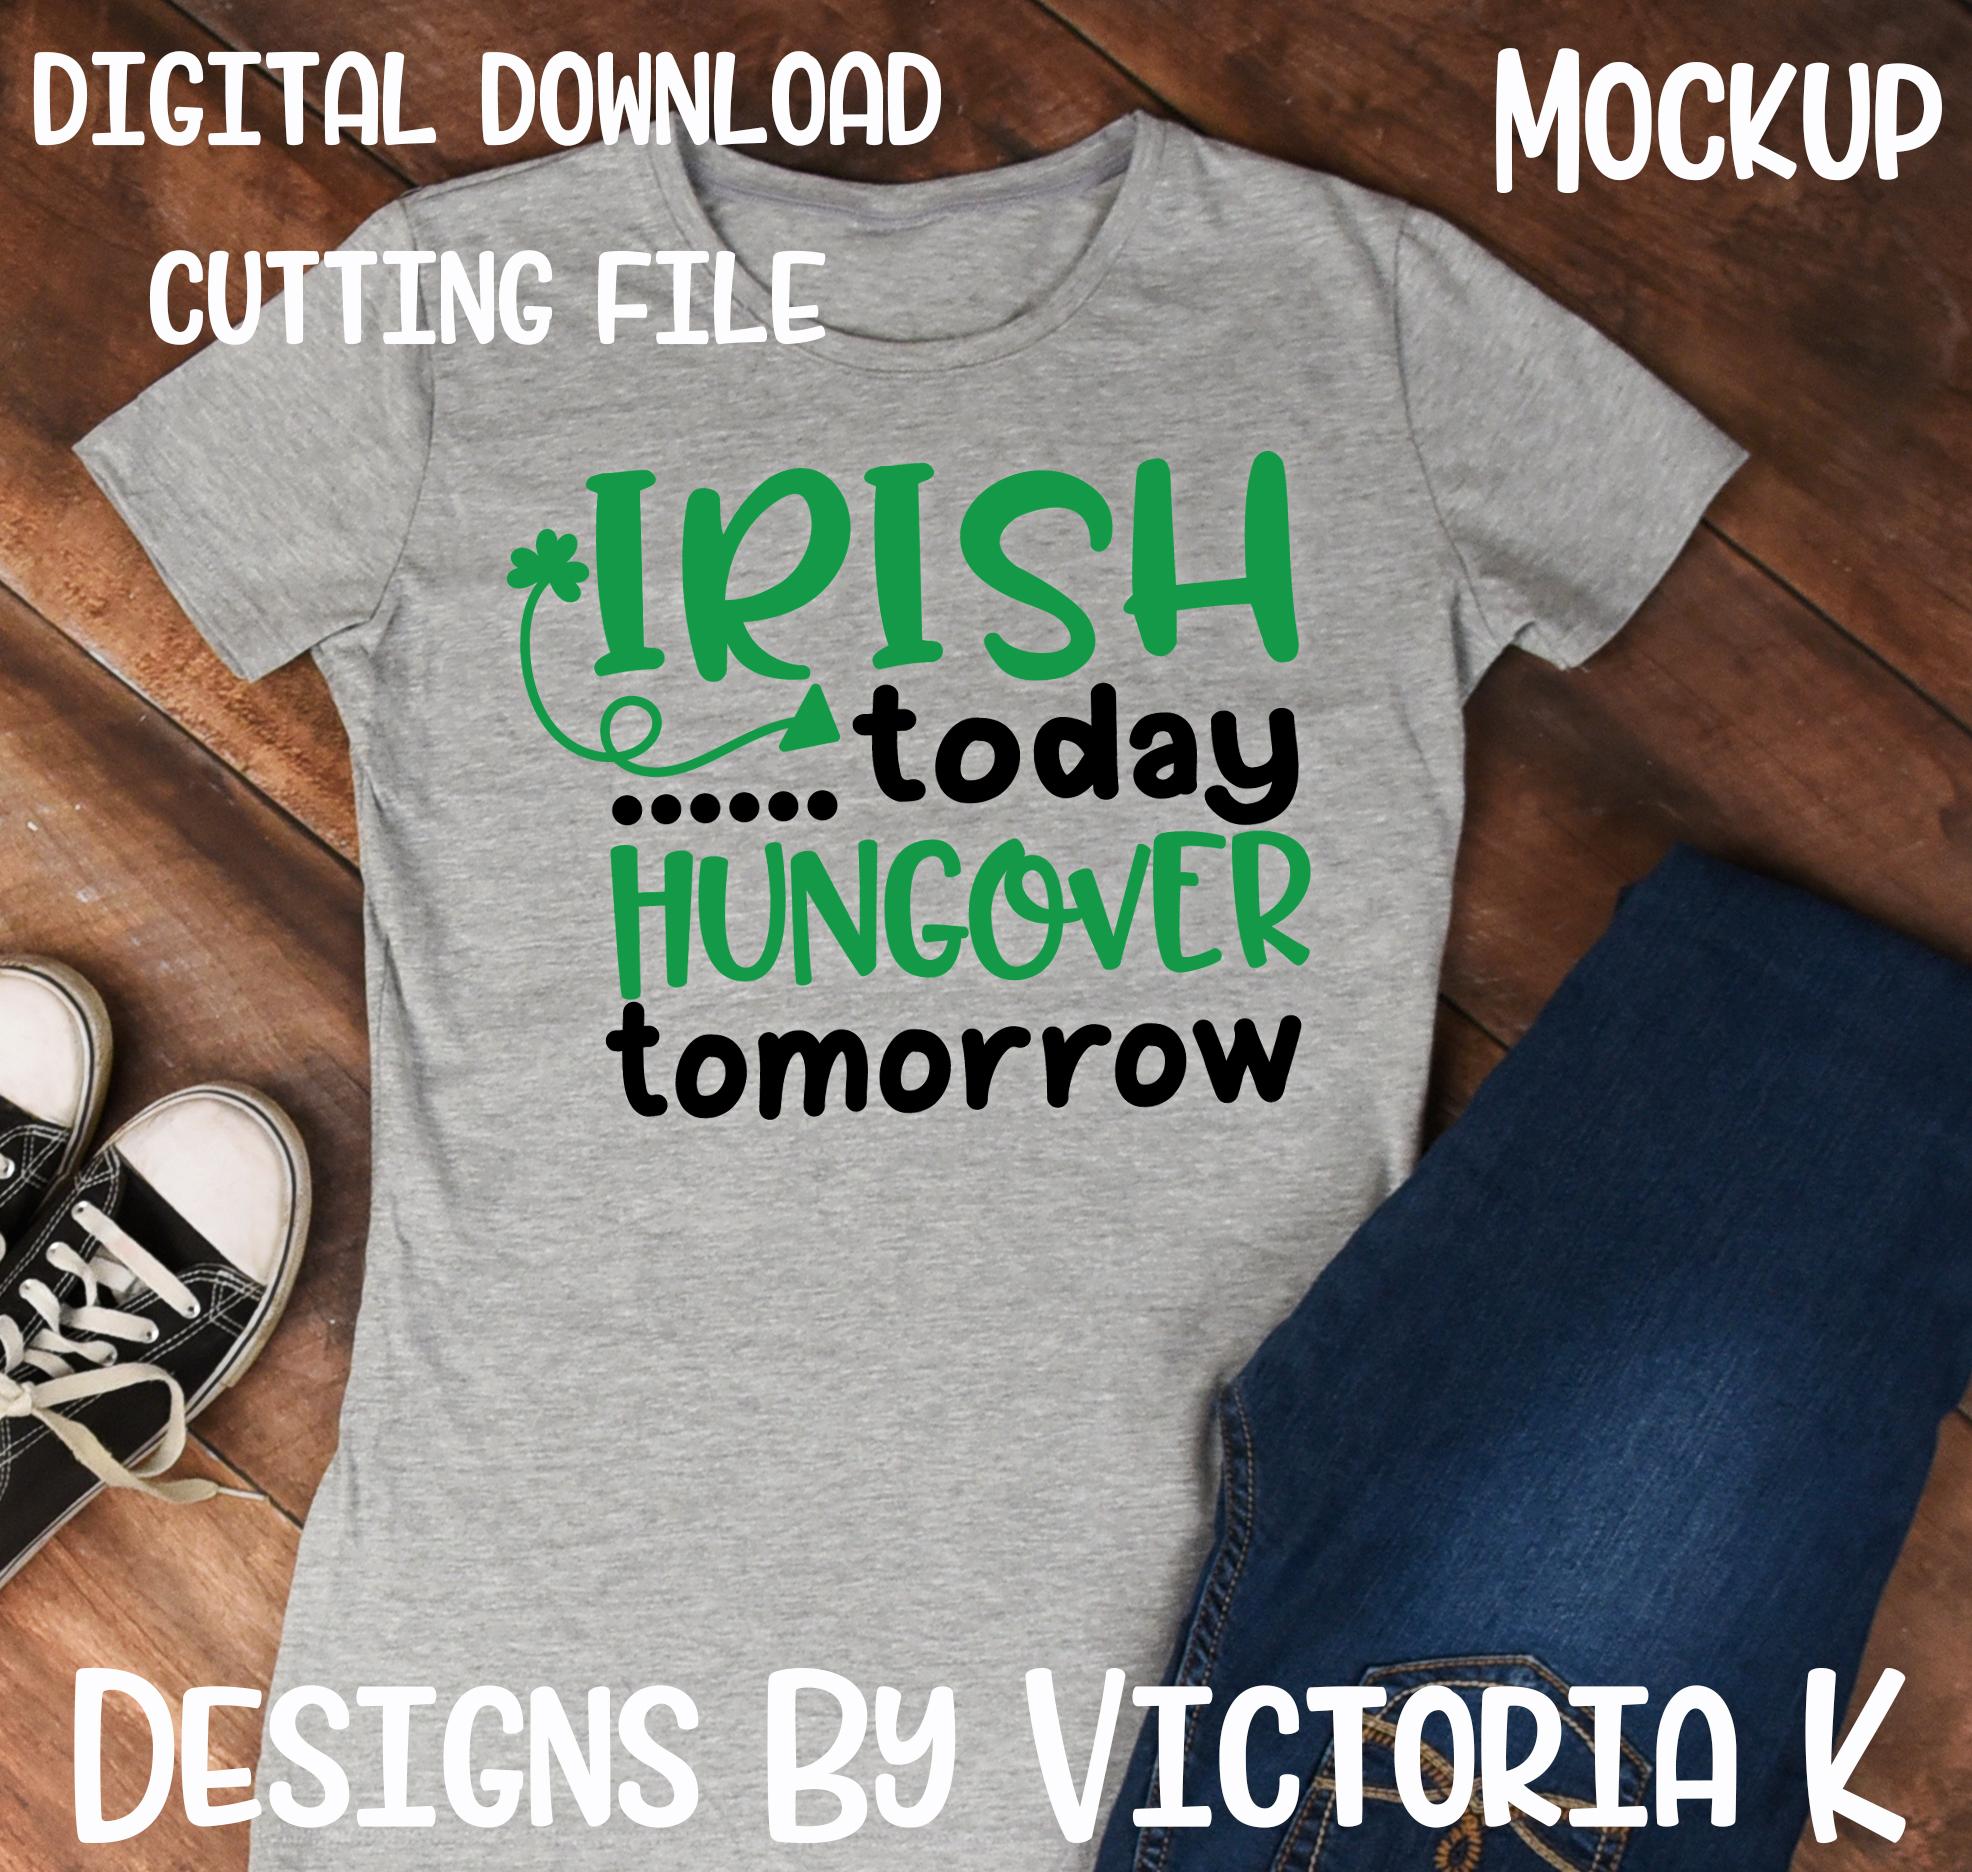 St Patrick's Day svg bundle, 30 Designs, SVG, DXF, EPS Files, Cricut Design Space, Vinyl Cut Files example image 3